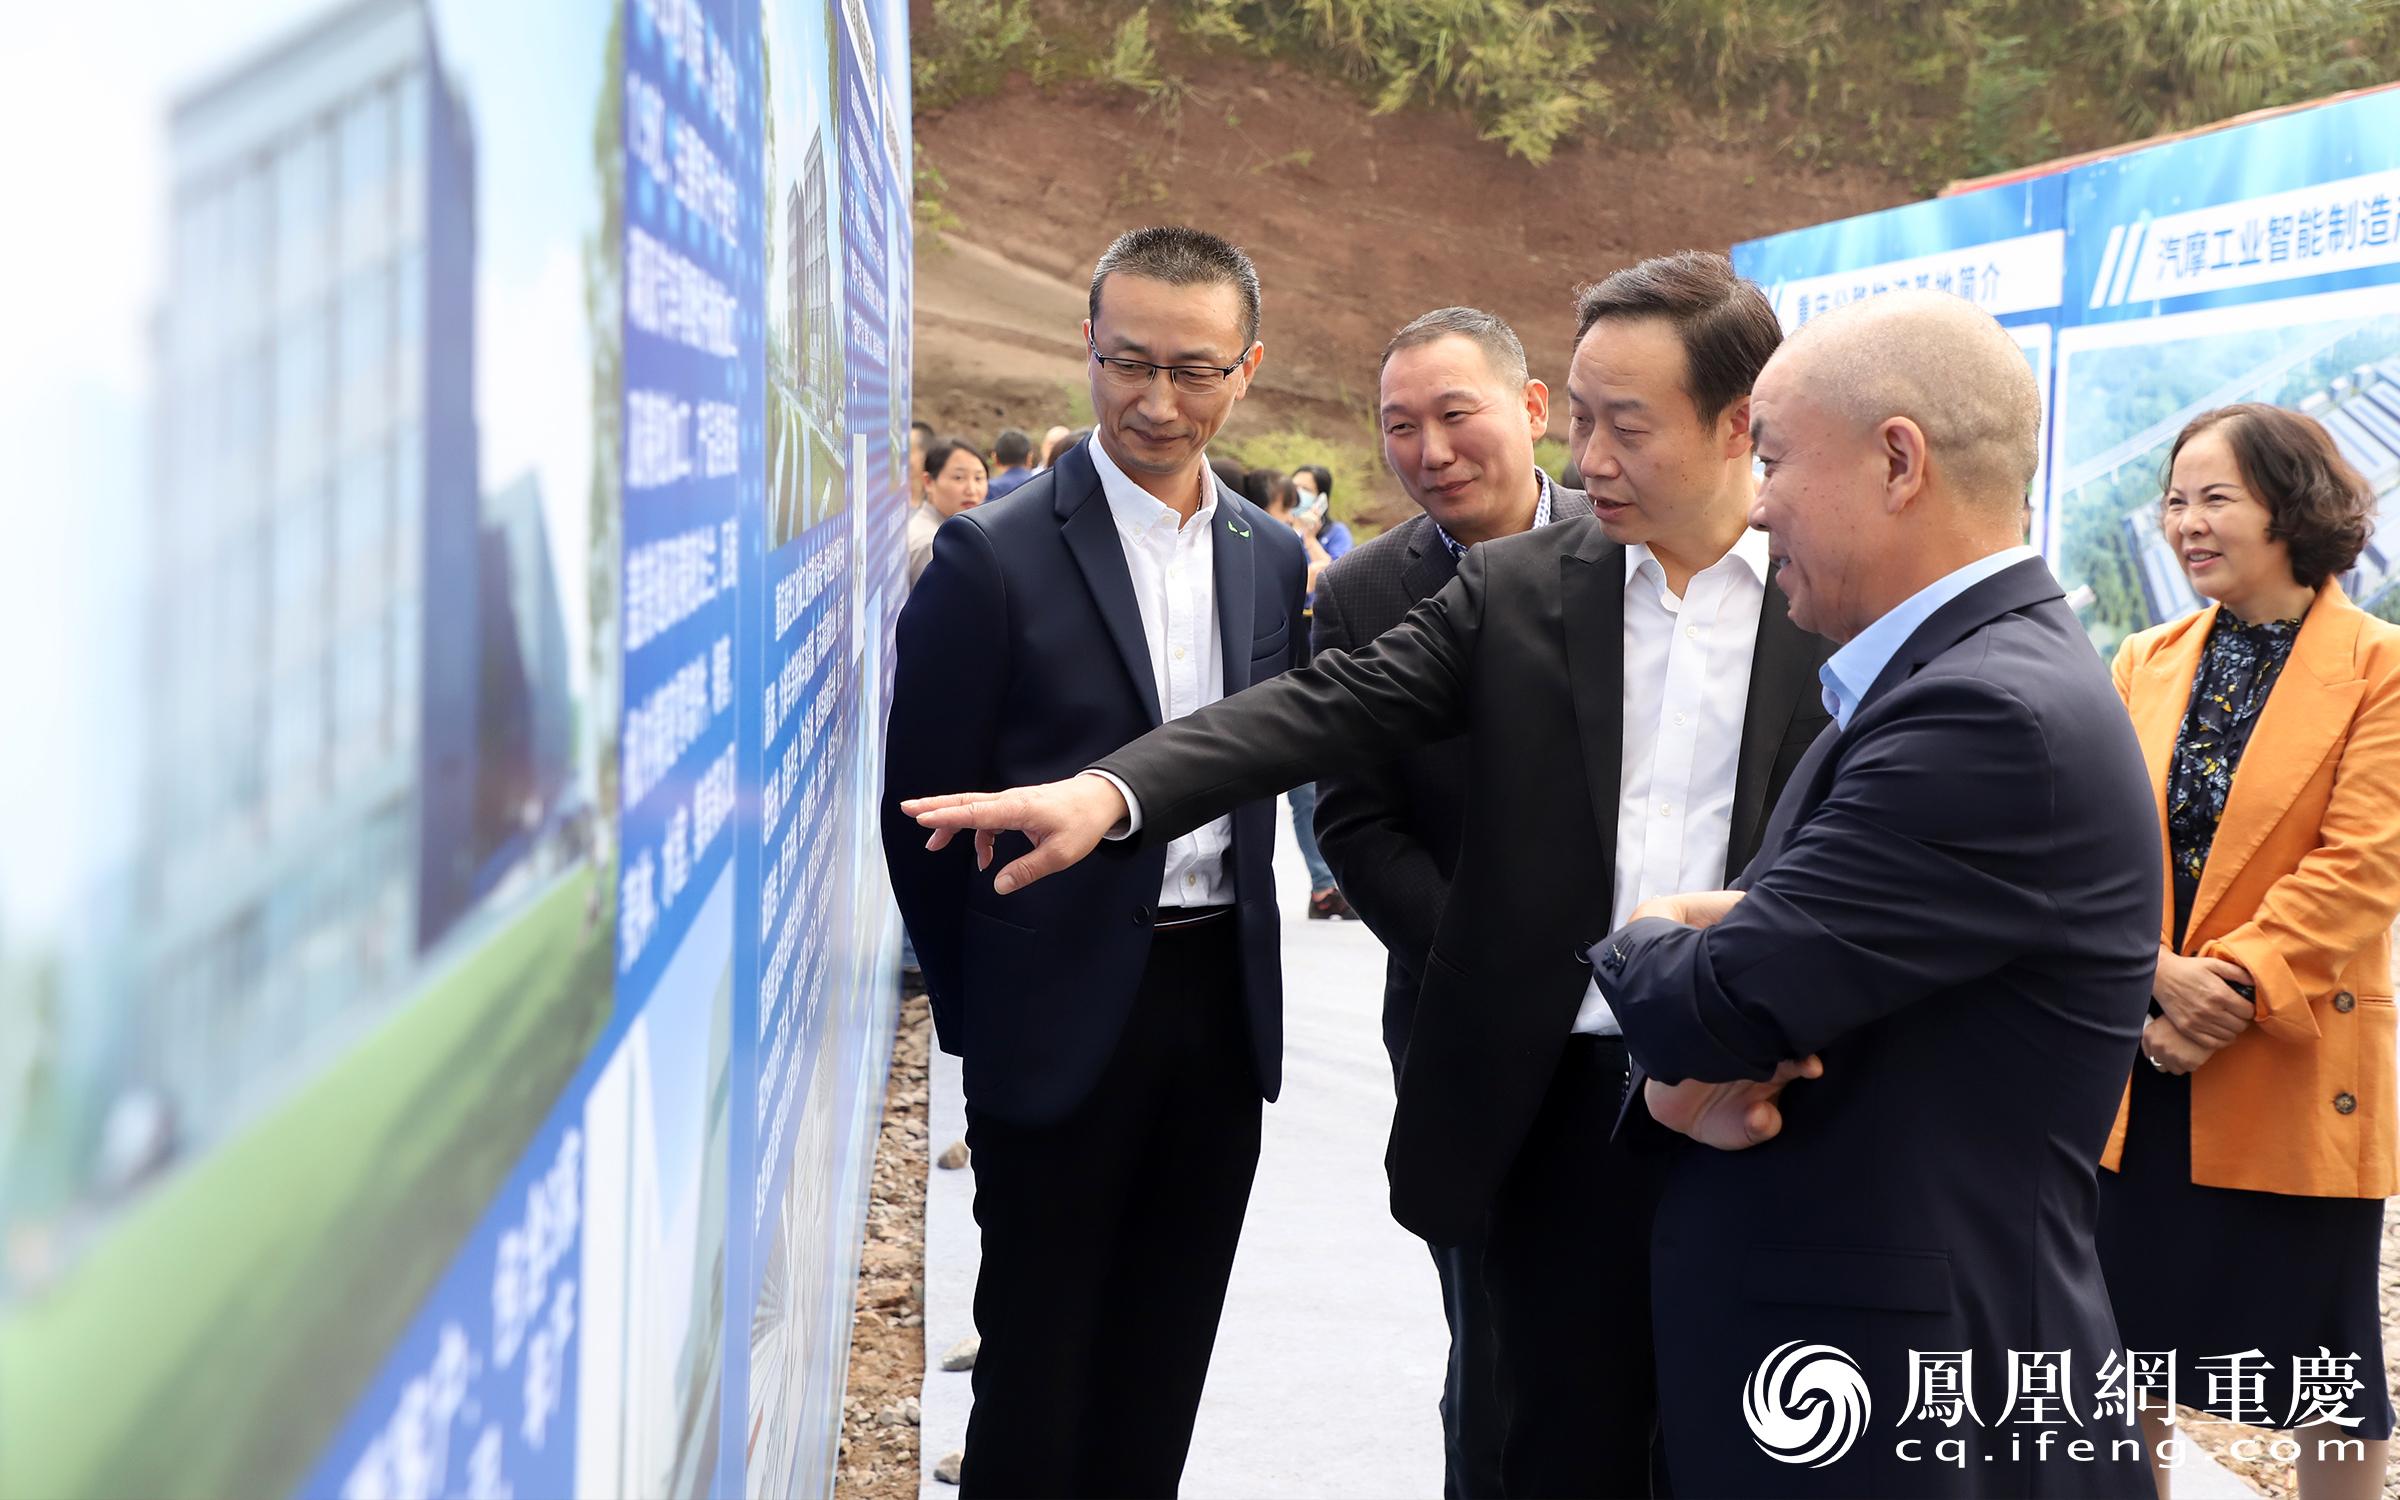 巴南区副区长张春平现场指导项目建设